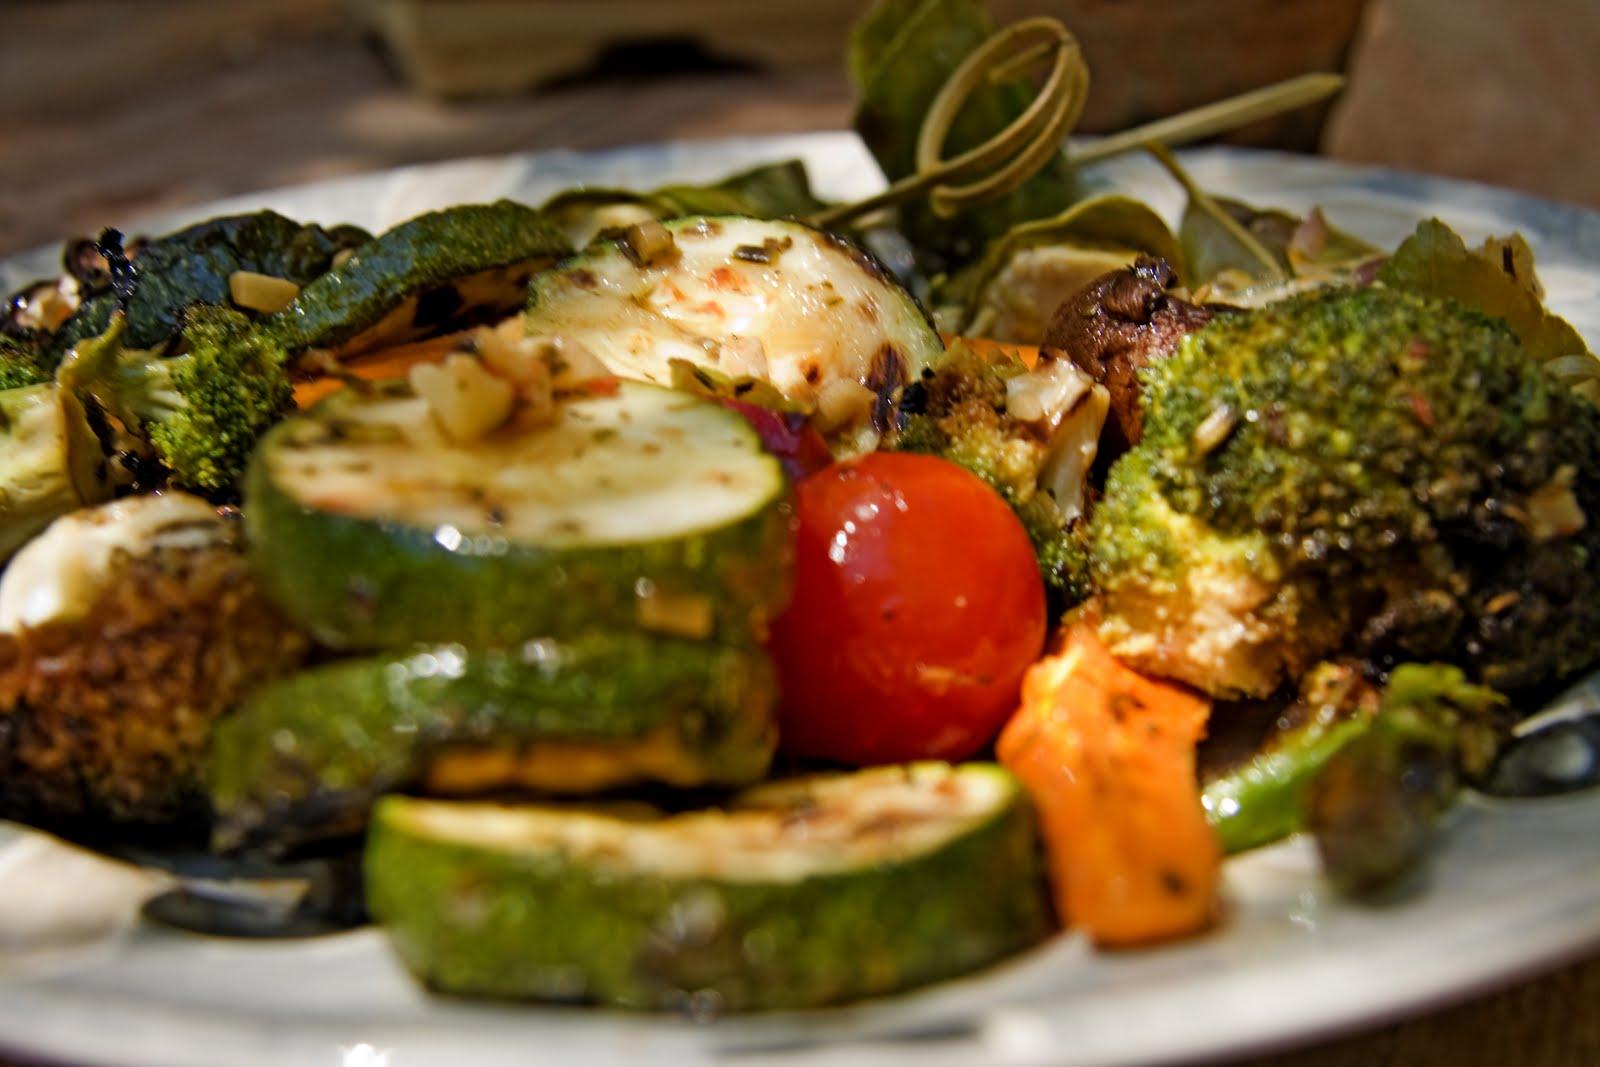 Cookbook verduras marinadas cocinadas a la parrilla for Blogs cocina vegetariana